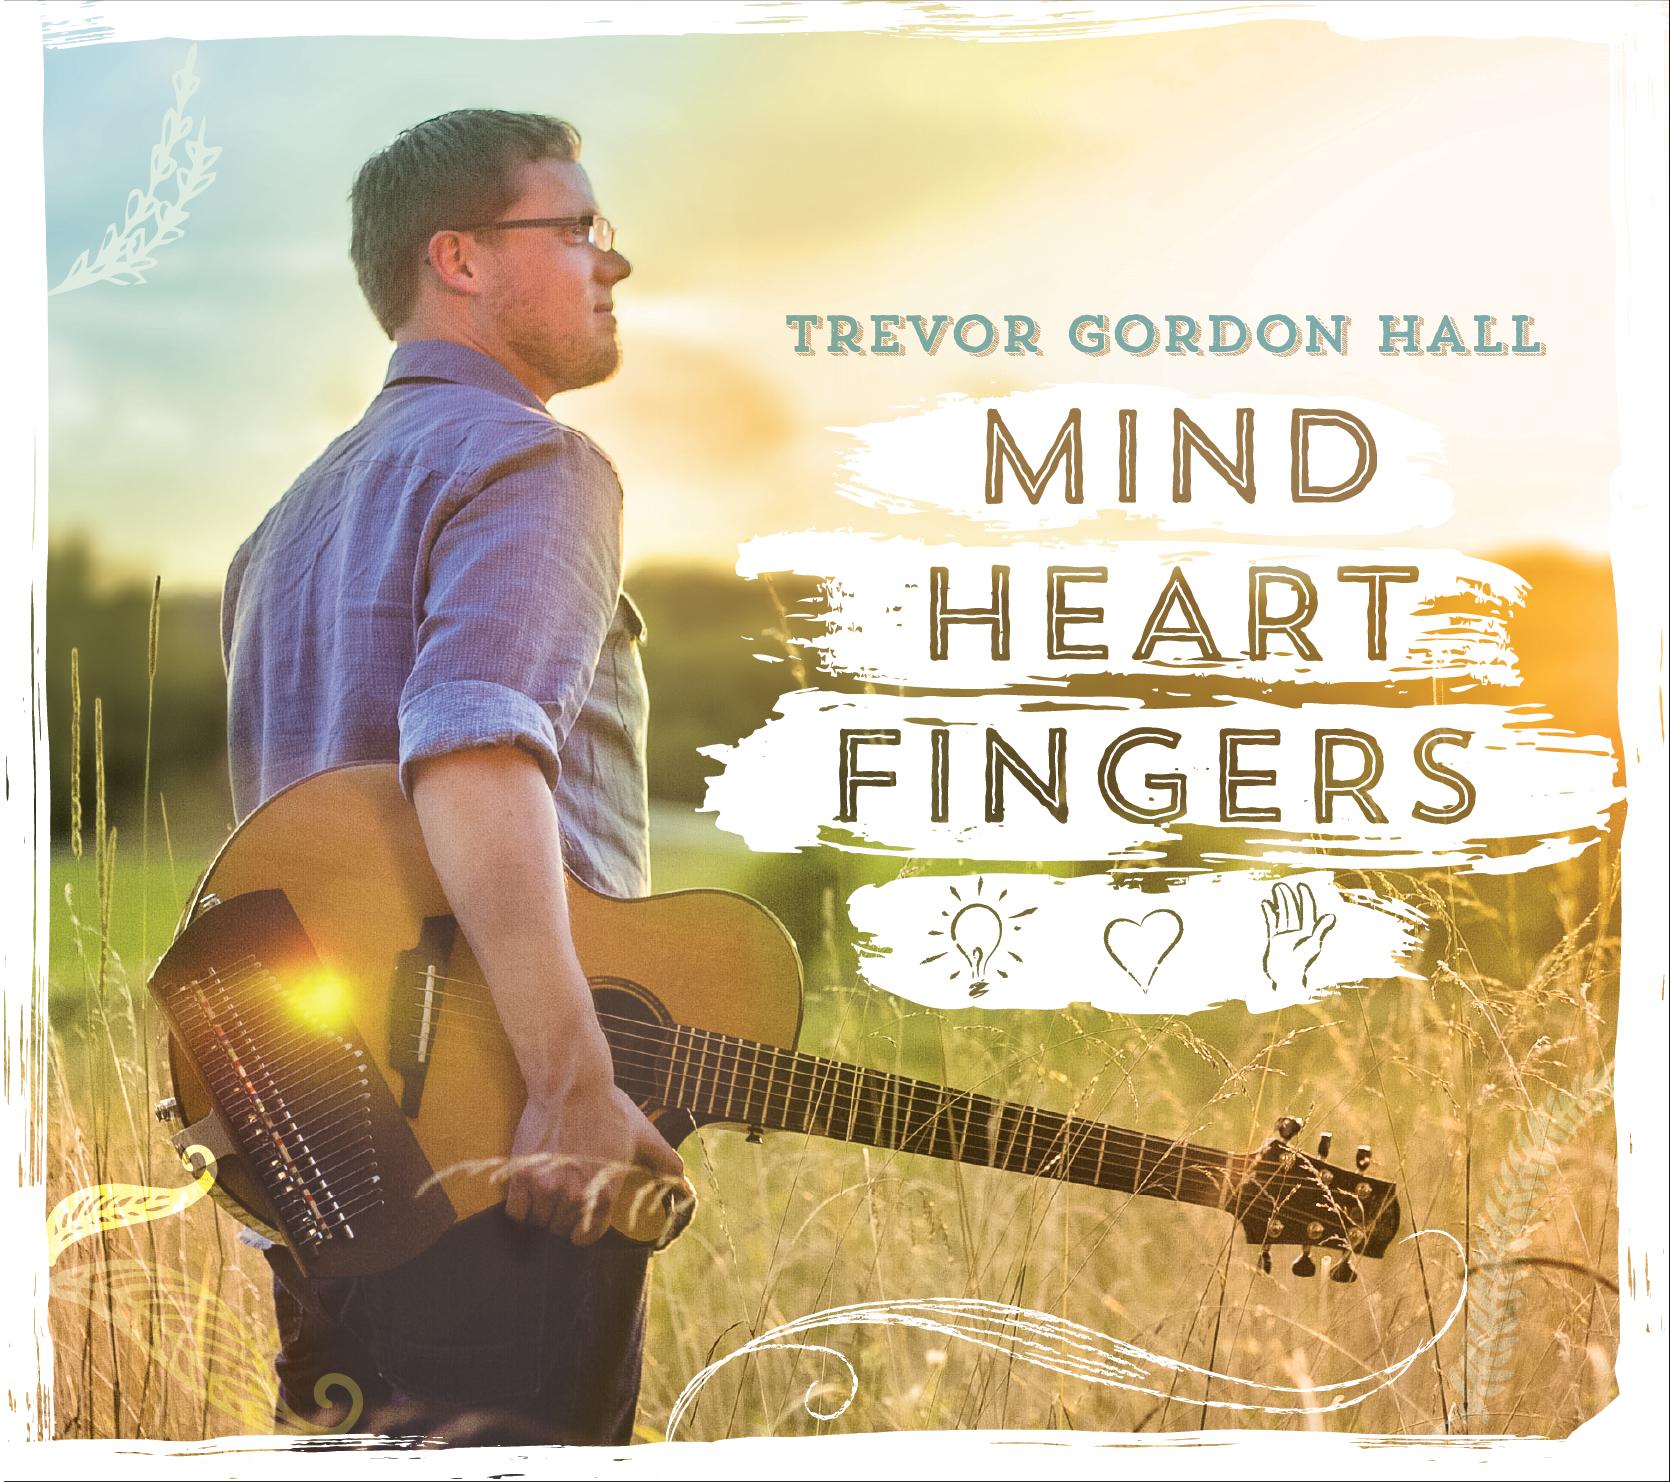 Trevor Gordon Hall - Mind Heart Fingers